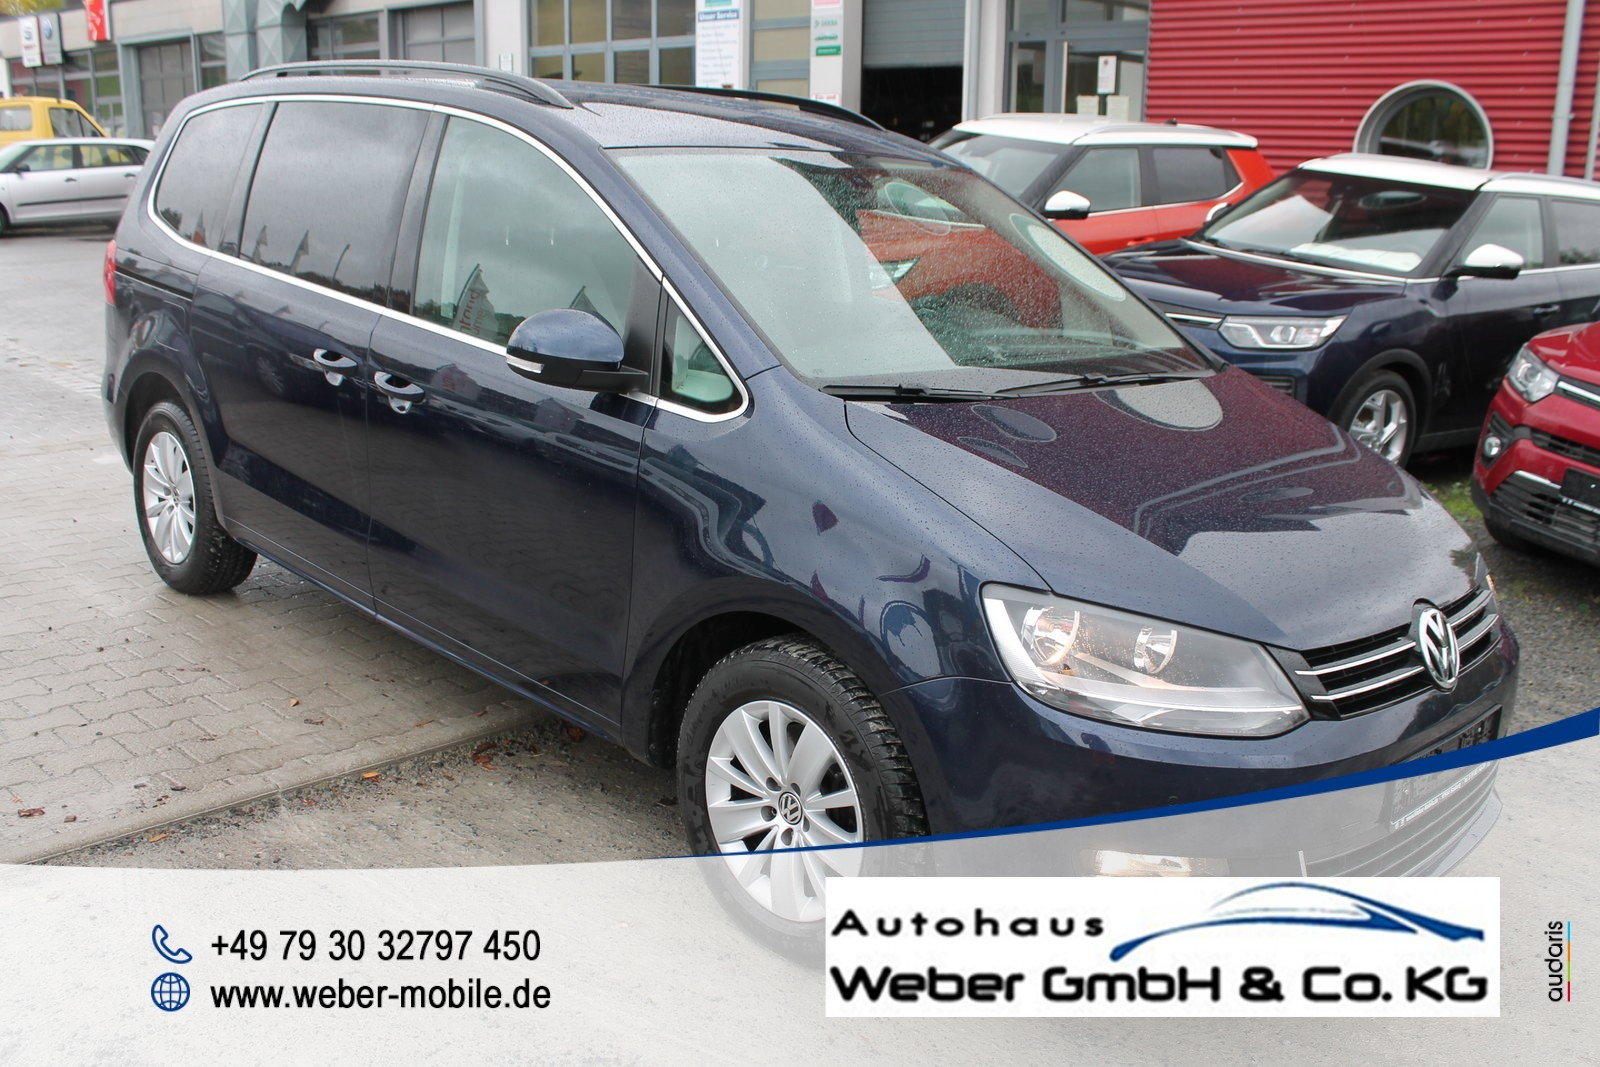 Volkswagen Sharan 2.0 TDI *Comfortline*AHK*Navi*Tempomat*Einparkhilfe vo+hi*, Jahr 2014, Diesel